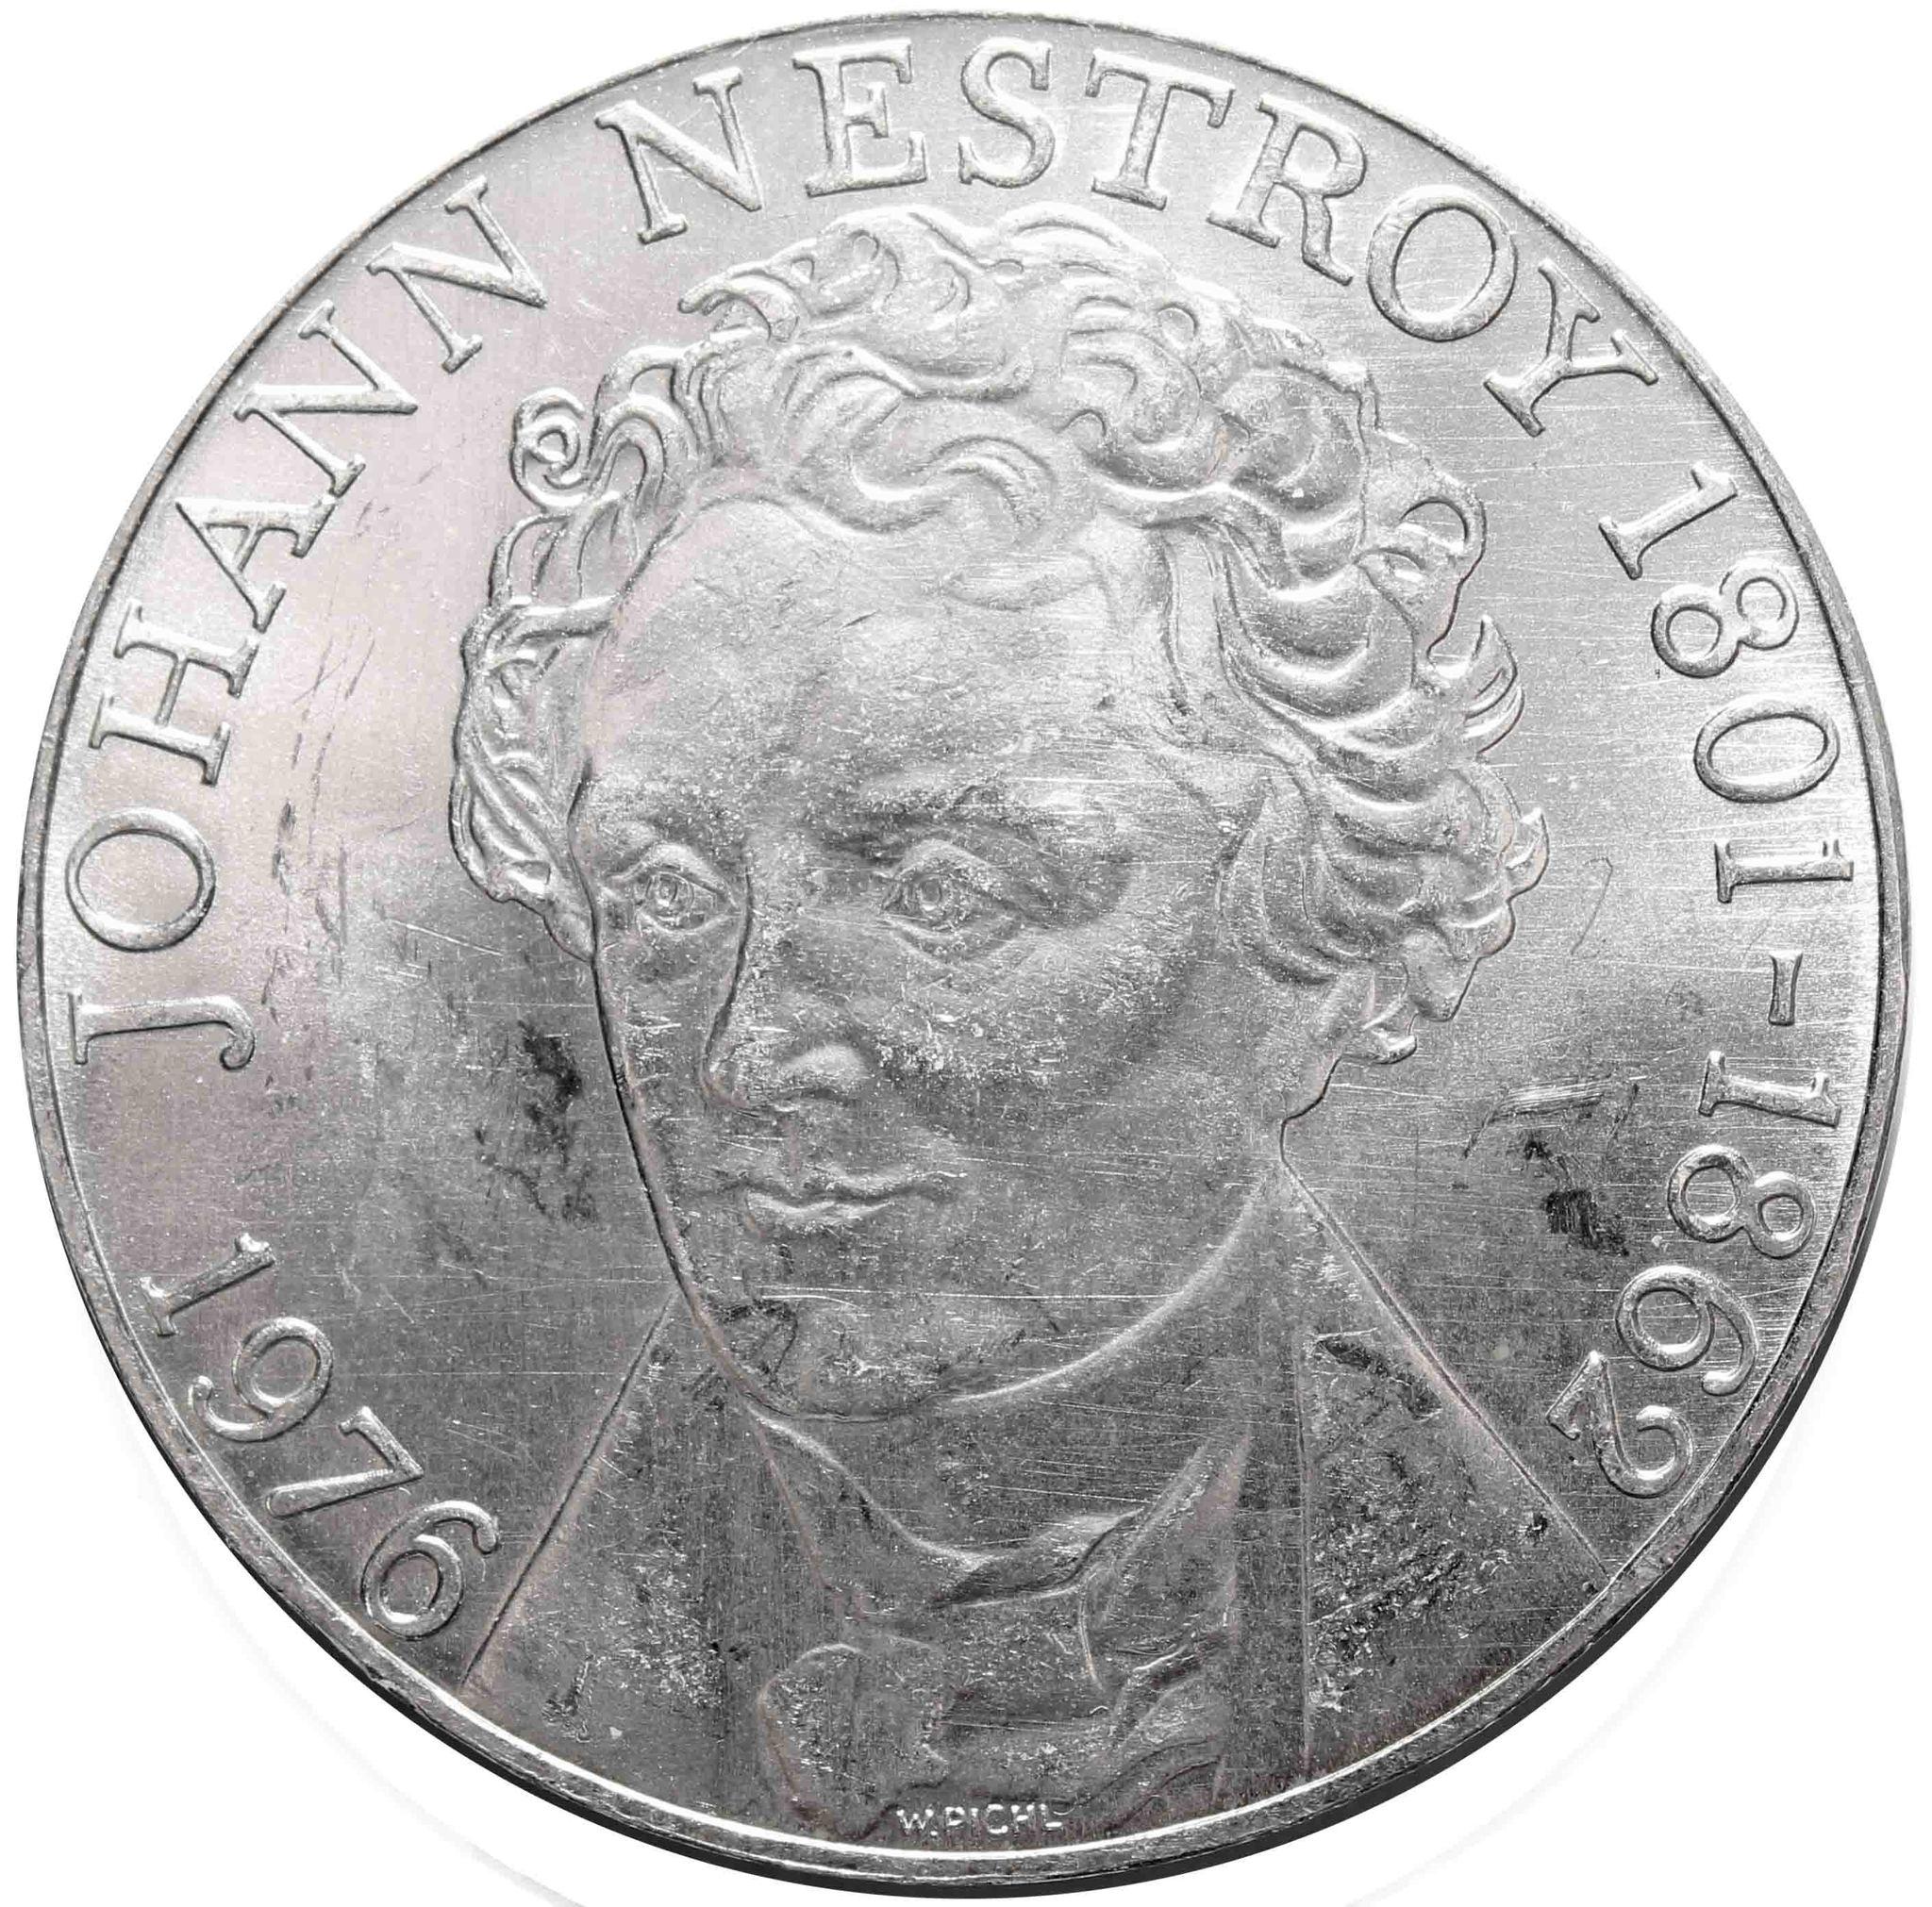 100 шиллингов. 175 лет со дня рождения актера и певца Иоганна Нестроя. 1976 год. Серебро. AU